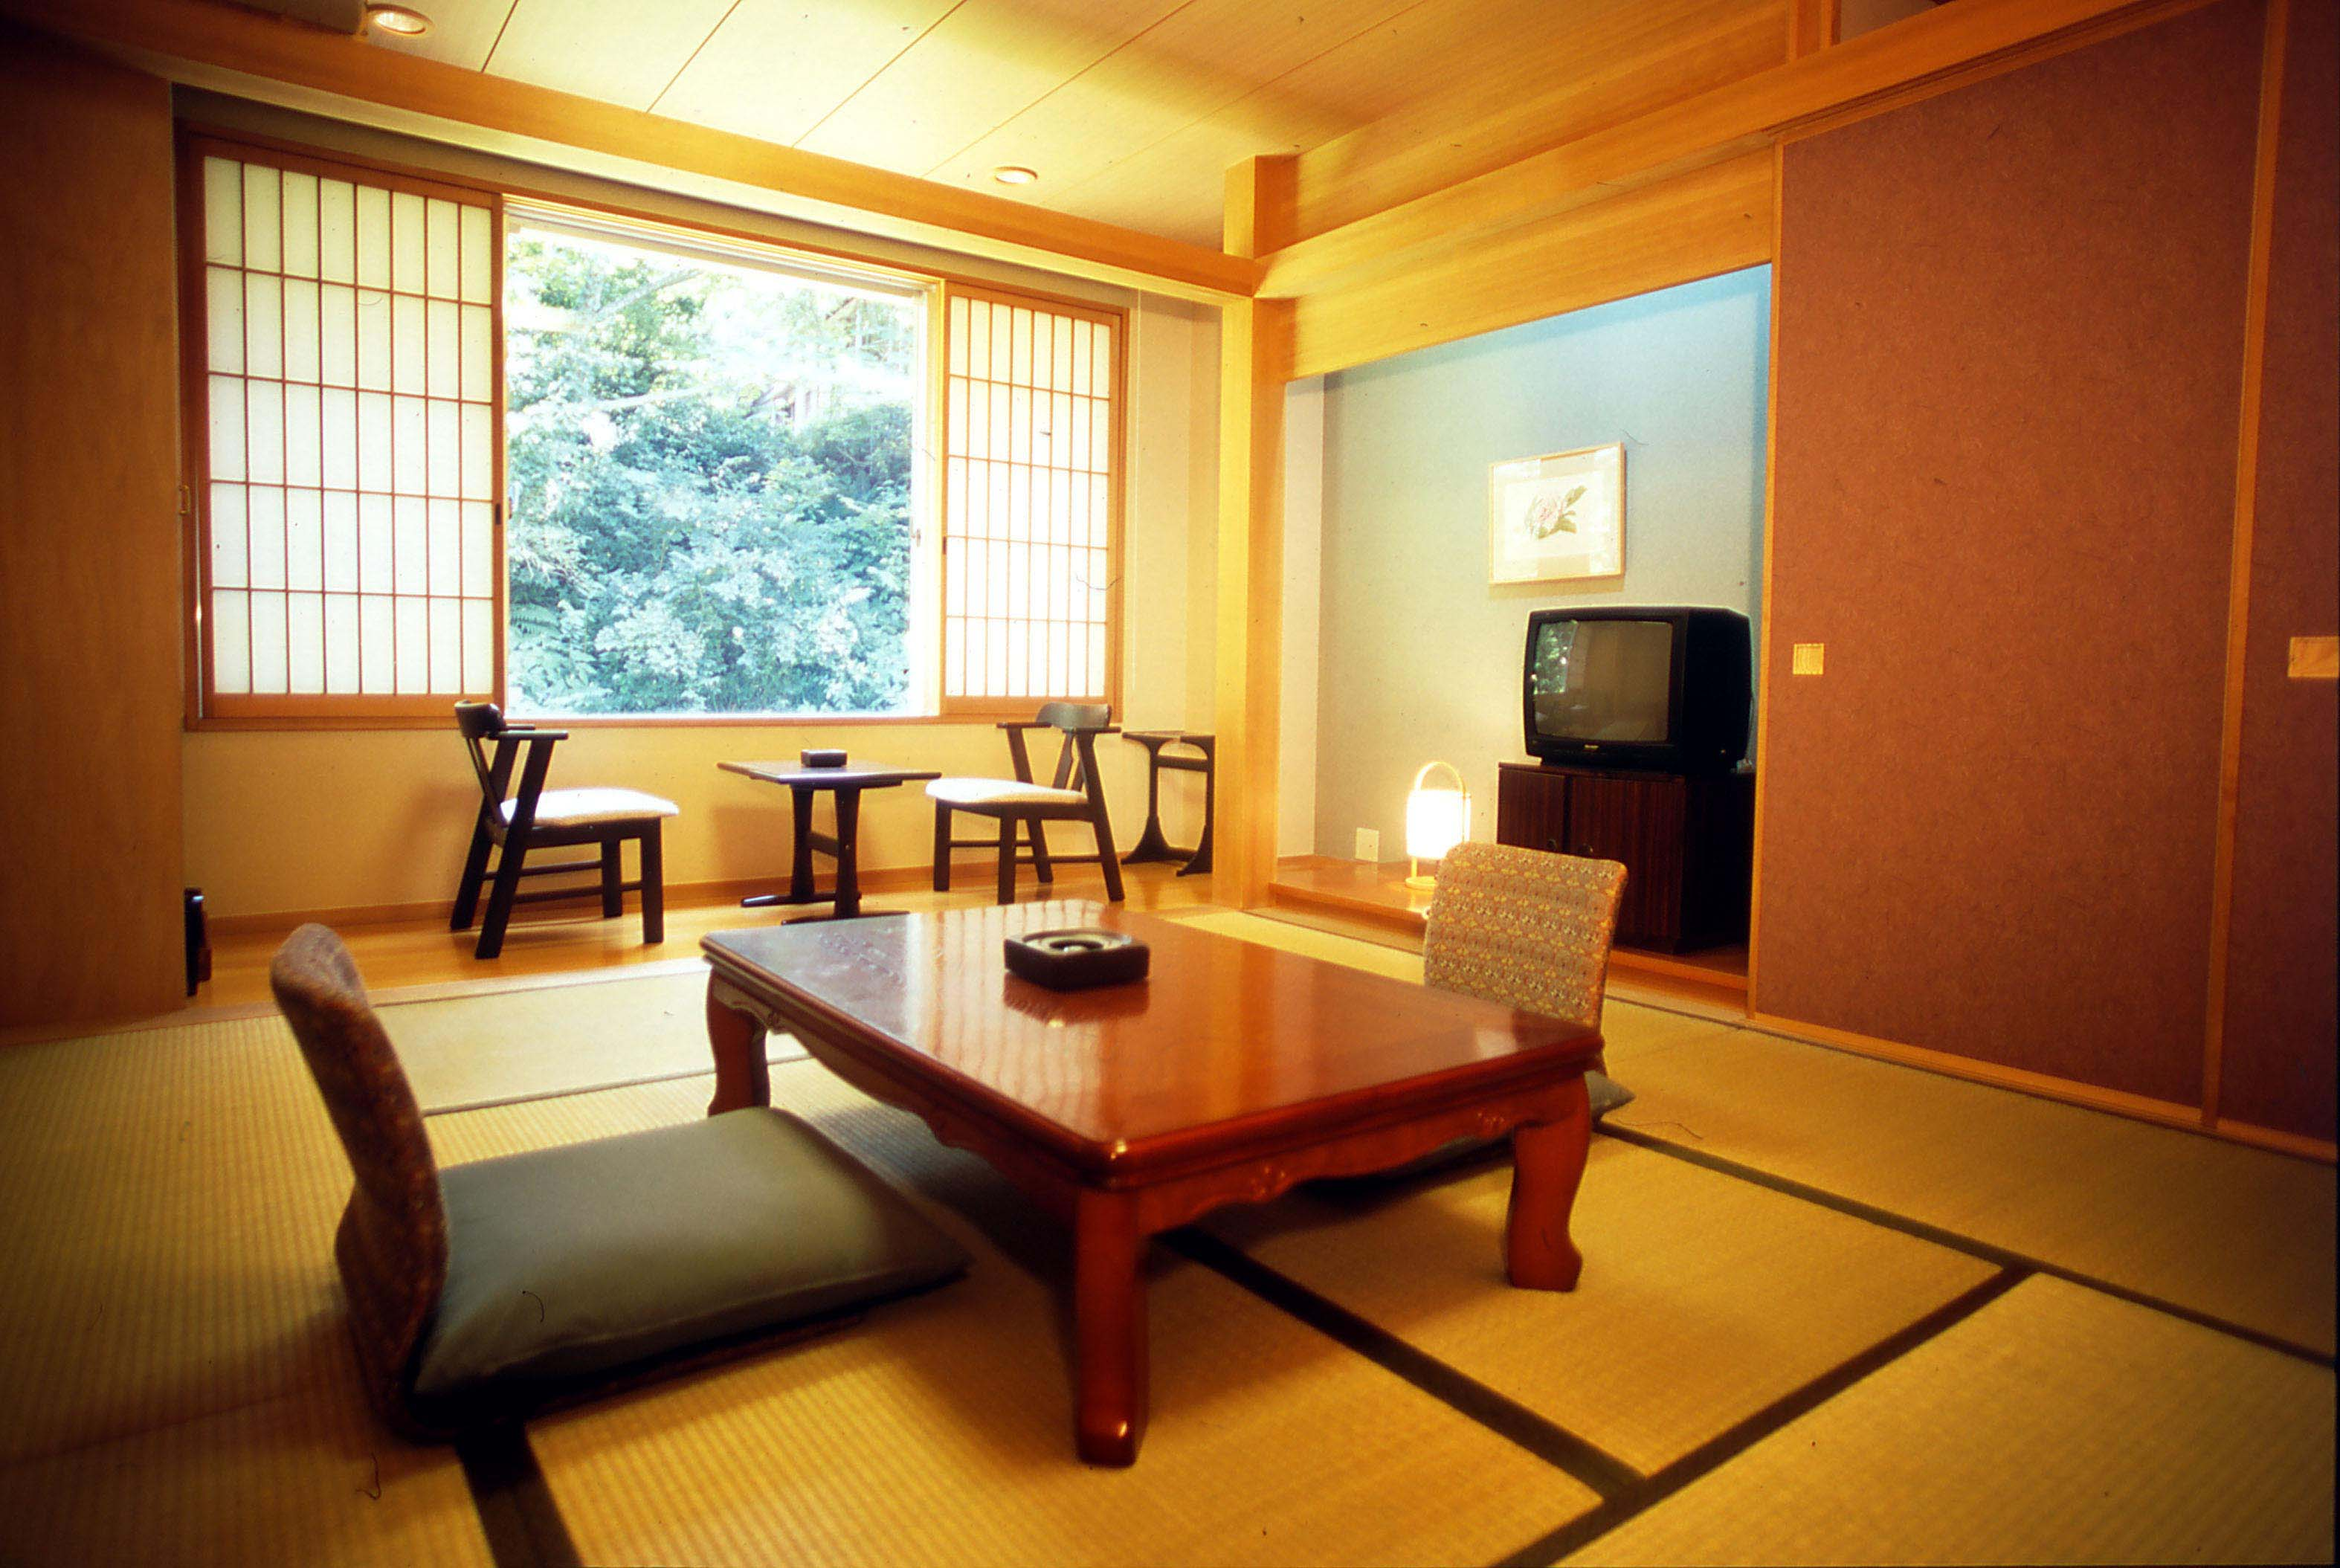 鳥取県西伯郡大山町大山136-2 ホテル大山しろがね -03